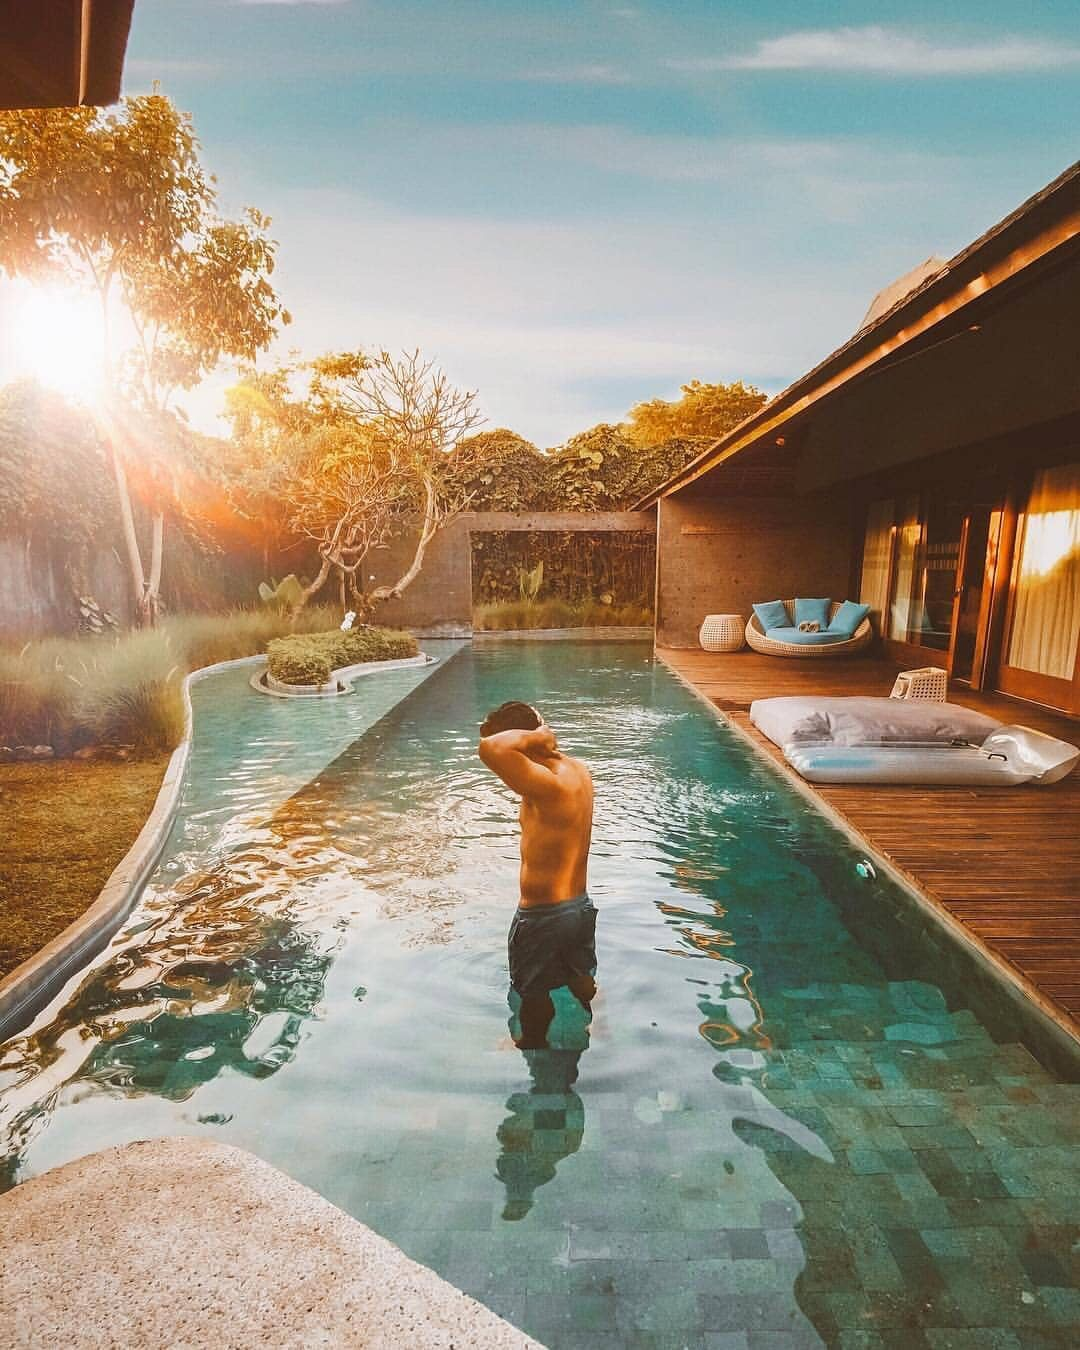 Rekomendasi Tempat Objek Wisata Bali Villa The Santai Umalas